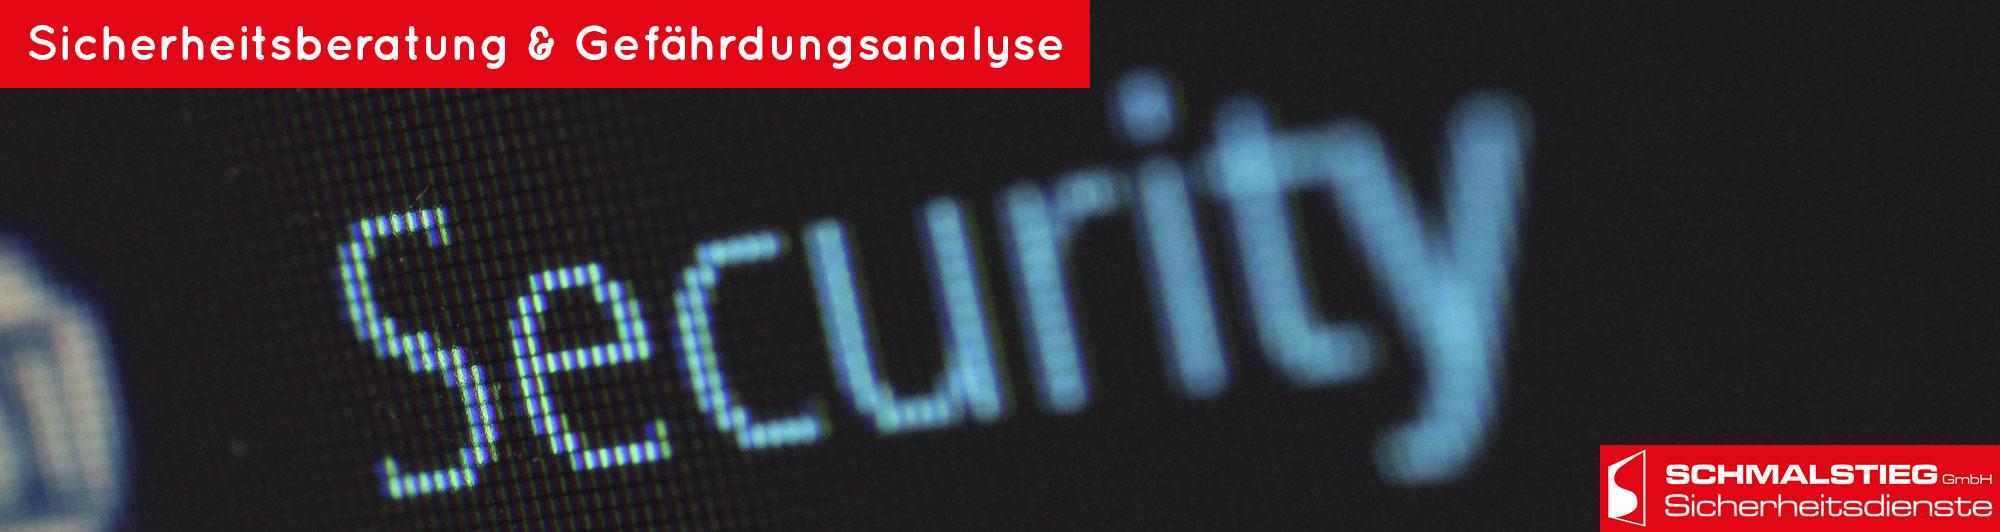 Sicherheitsdienst Hannover - Security und Gefährdungsanalyse